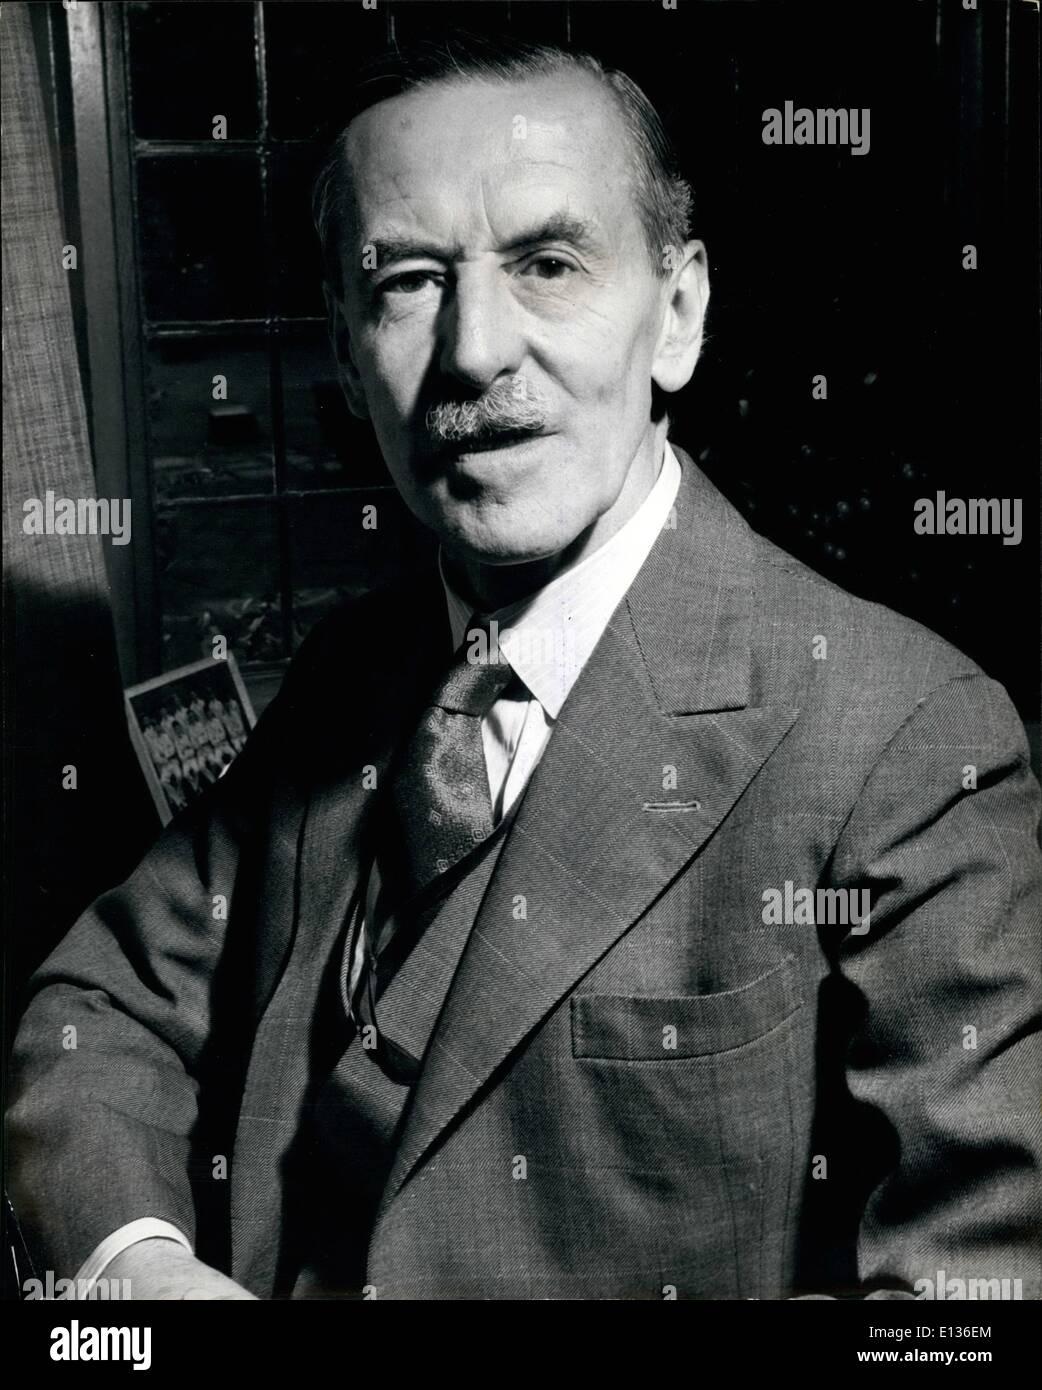 28 févr. 2012 - Le nouveau Lord-maire de Londres: Sir Noel Vansittart Bowater: Membre de la célèbre famille, deux anciens membres de Photo Stock